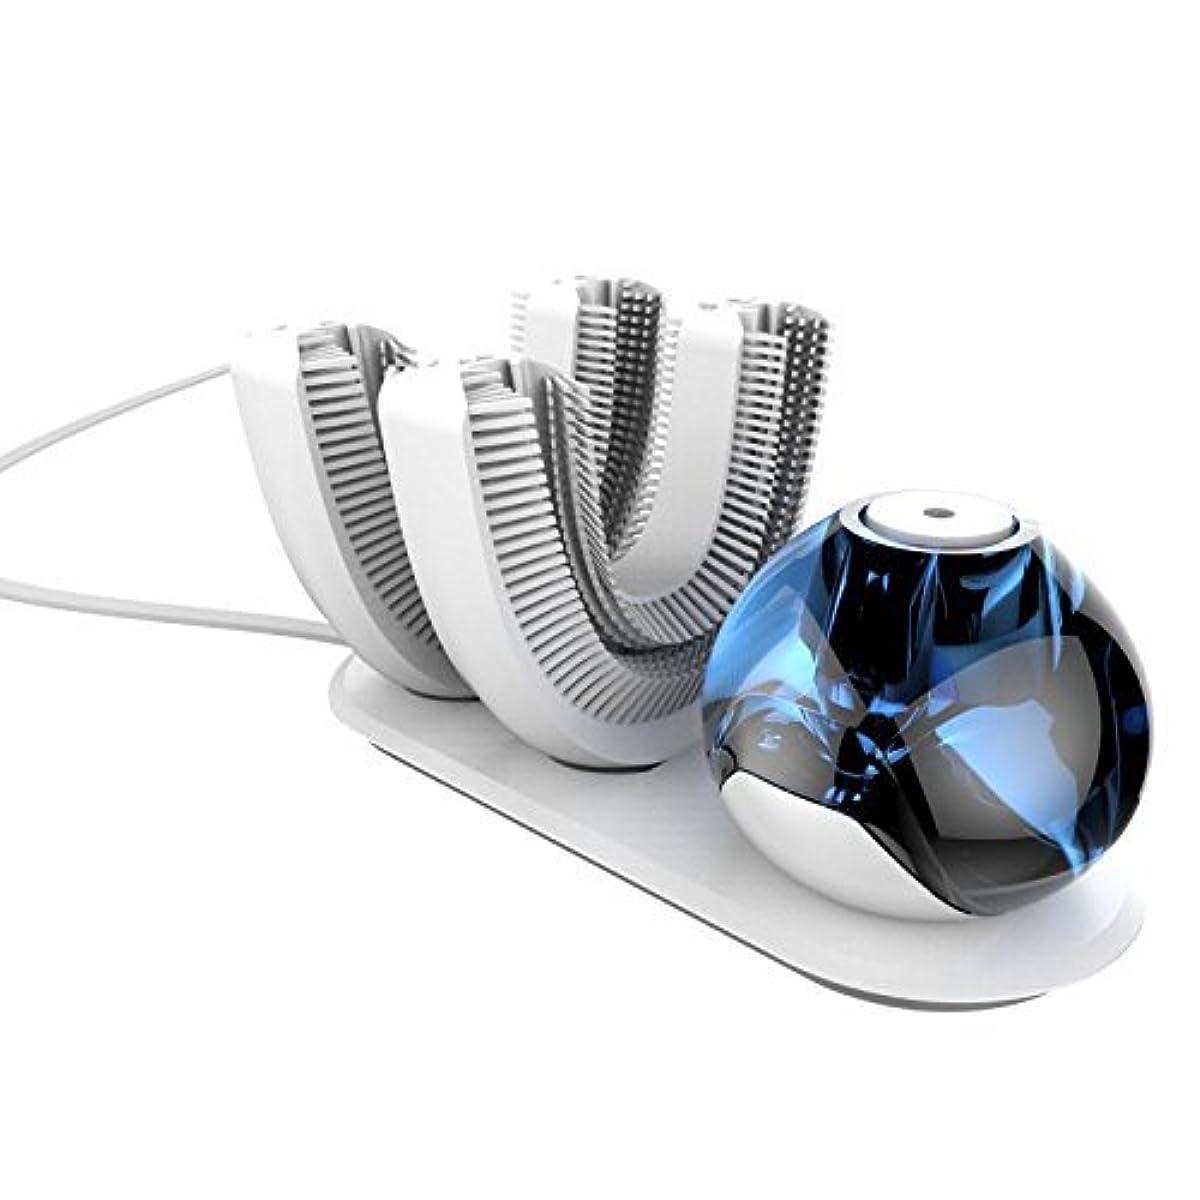 小間優先好ましい怠け者牙刷-電動 U型 超音波 専門370°全方位 自動歯ブラシ ワイヤレス充電 成人 怠け者 ユニークなU字型のマウスピース わずか10秒で歯磨き 自動バブル 2本の歯ブラシヘッド付き あなたの手を解放 磁気吸引接続...